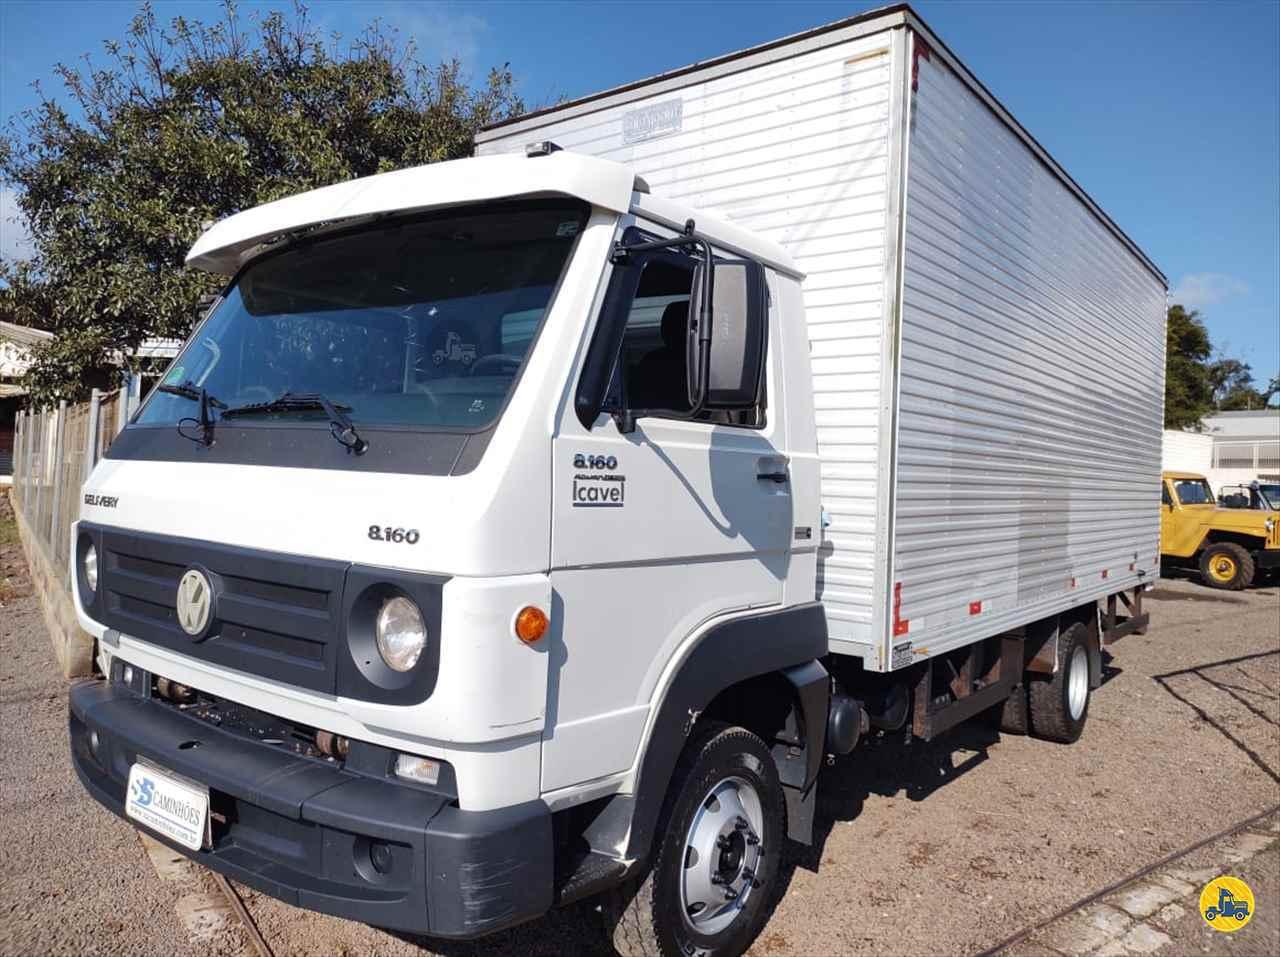 CAMINHAO VOLKSWAGEN VW 8160 Baú Furgão 3/4 4x2 SS Caminhões SAO MIGUEL DO OESTE SANTA CATARINA SC